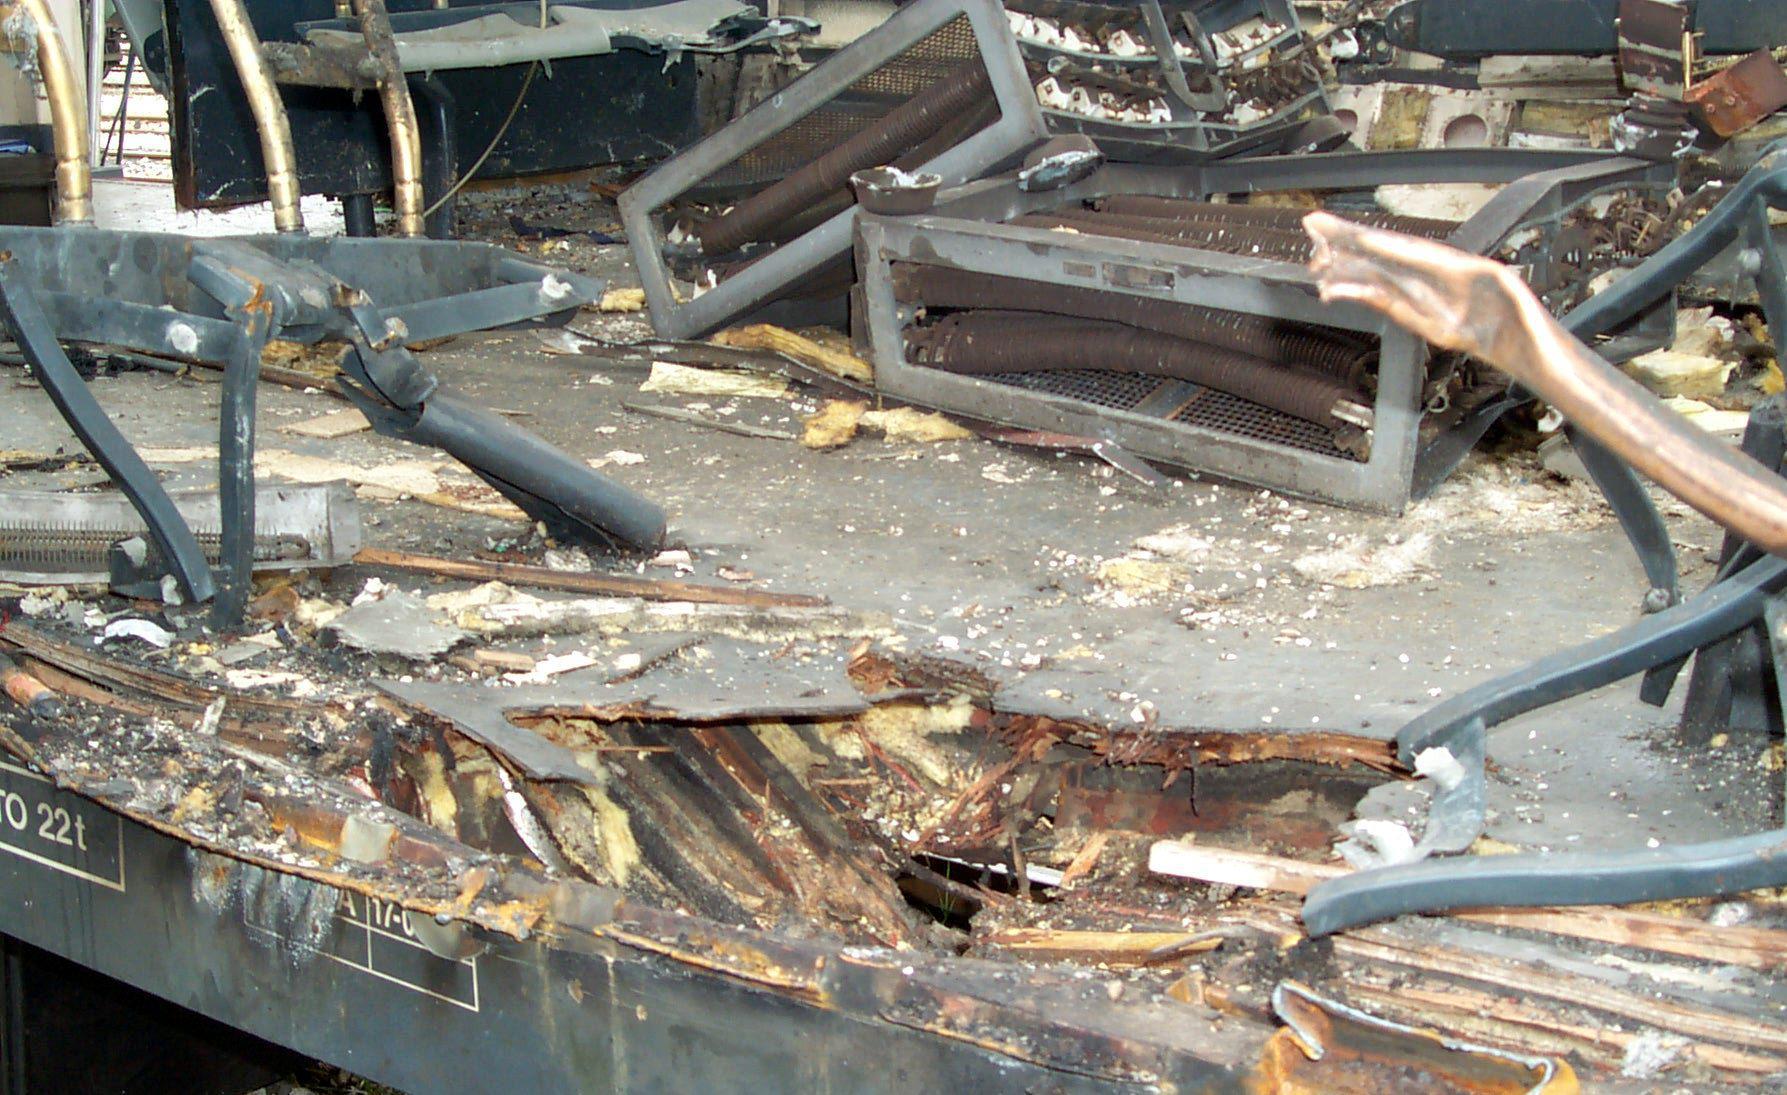 Foto 3.- 17 de marzo de 2004. Vicálvaro. Cráter en el suelo del coche 4 de Santa Eugenia, ignorado por los peritos en sus informes periciales